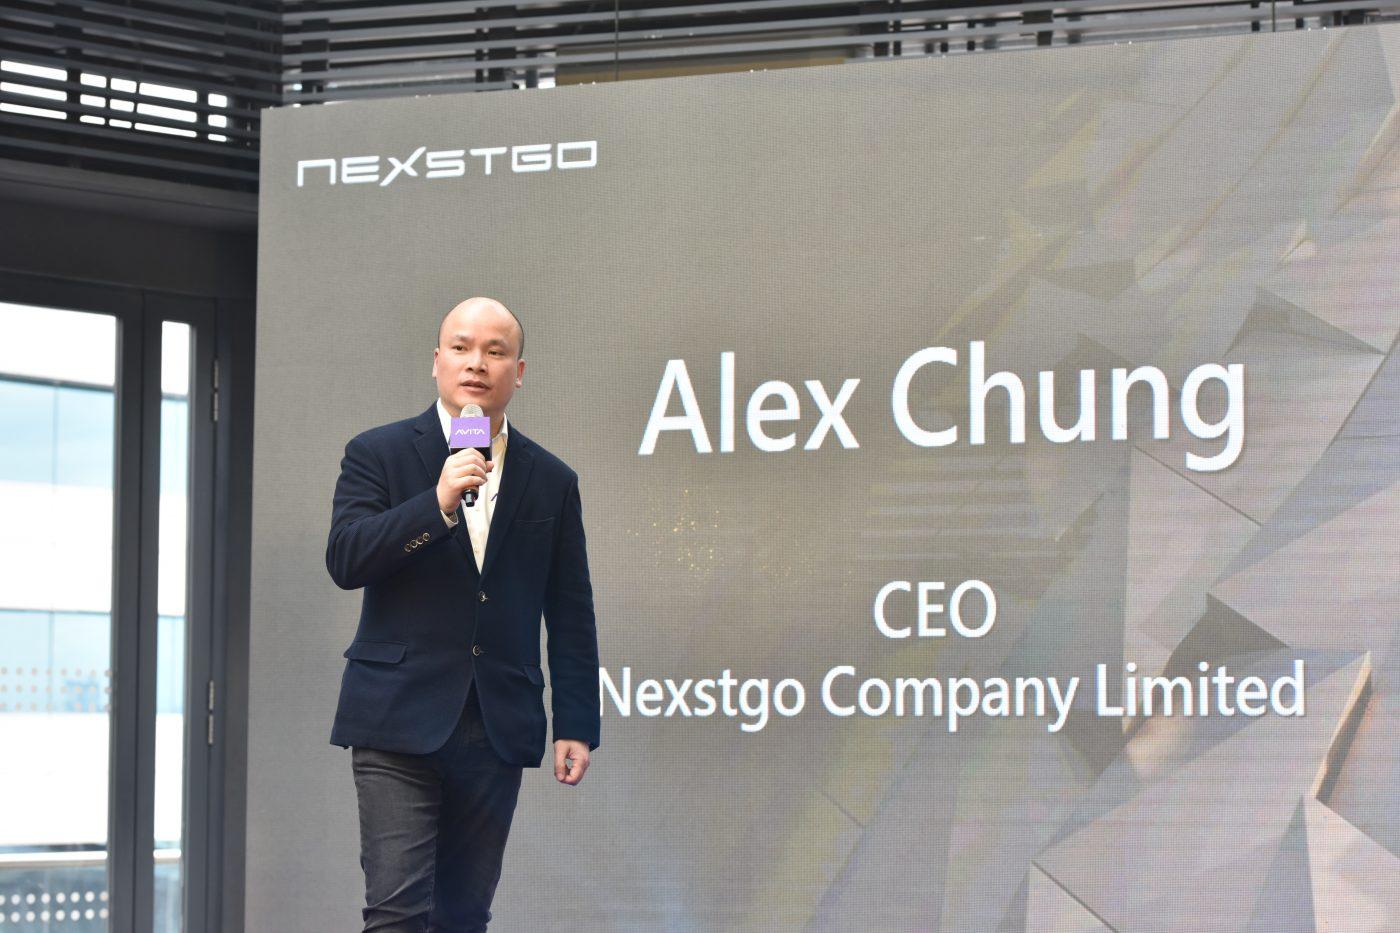 2. CEO SPEECH